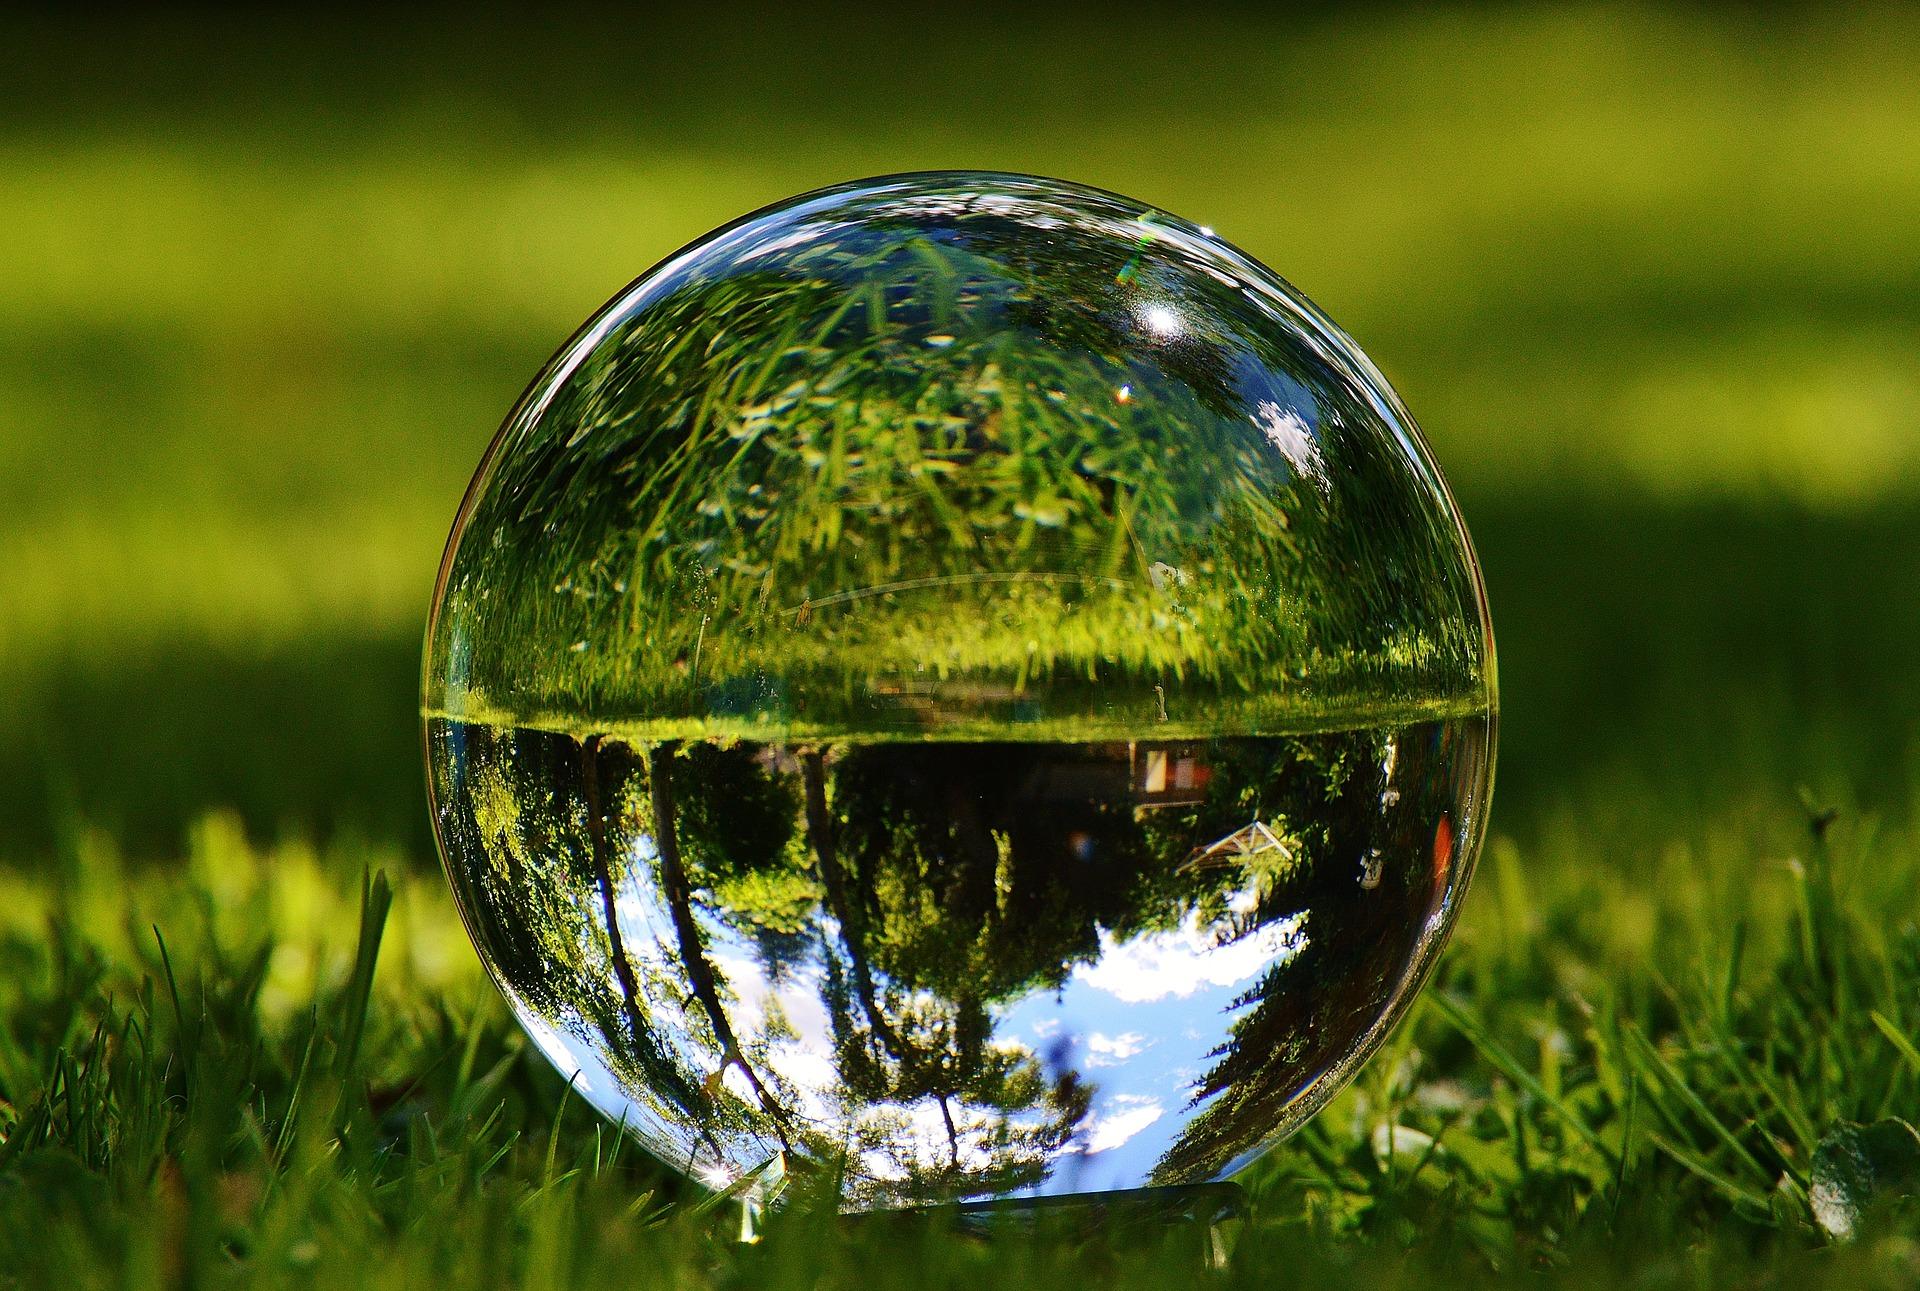 glass-ball-1480305_1920